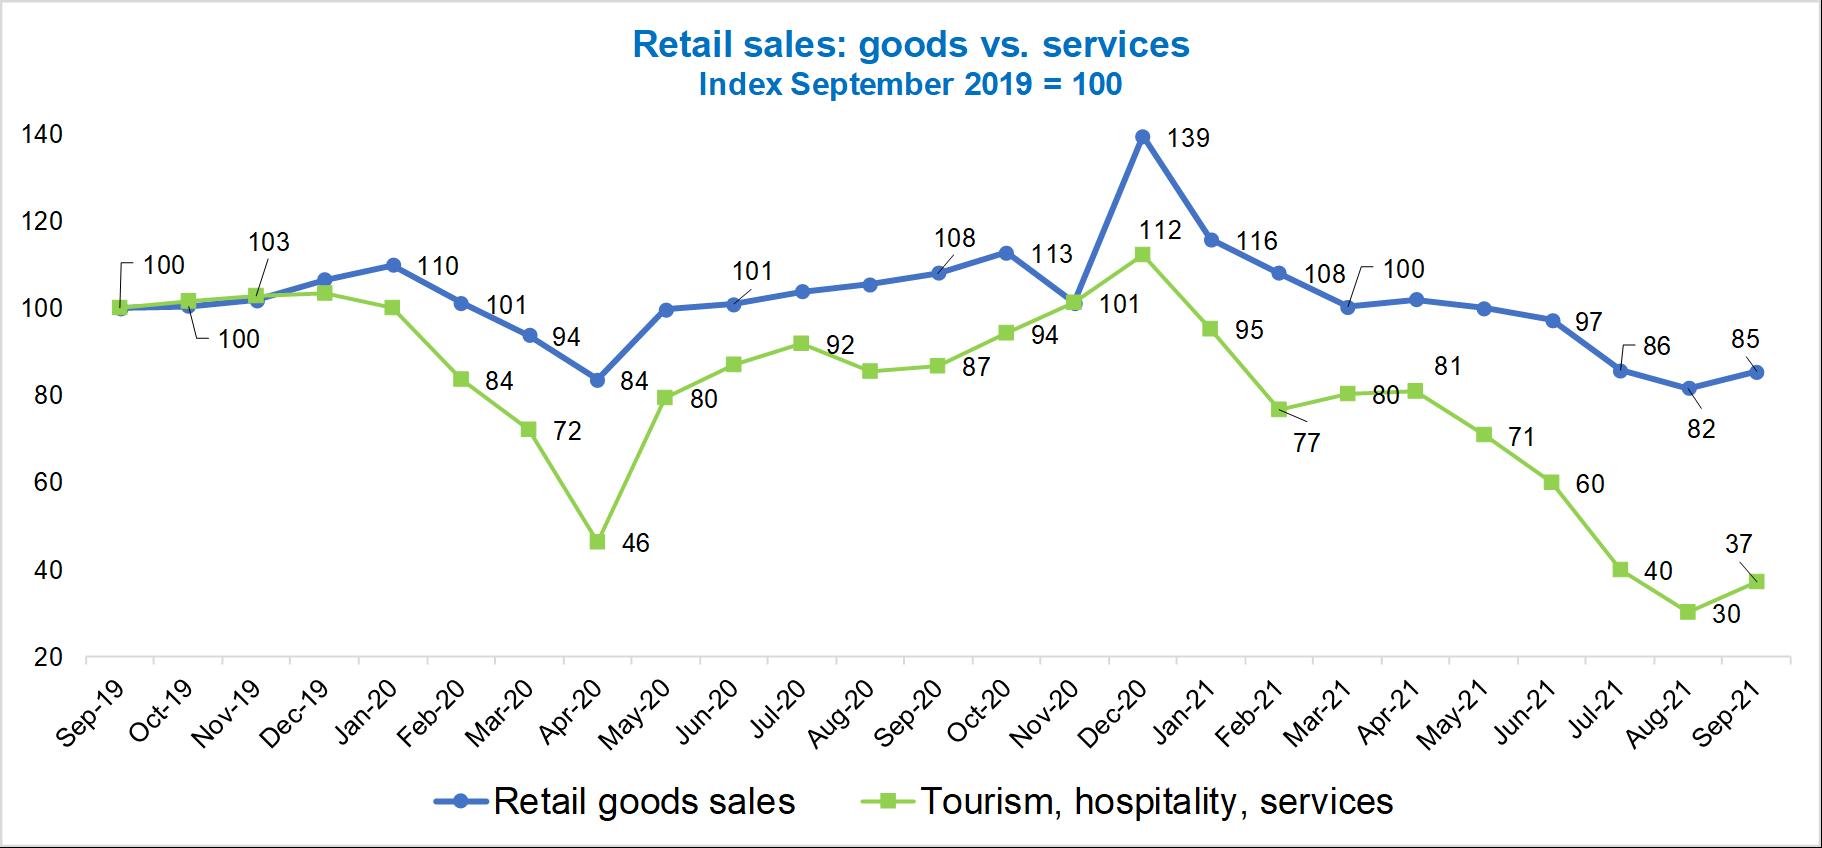 Vietnam retail sales of goods vs. services 2021